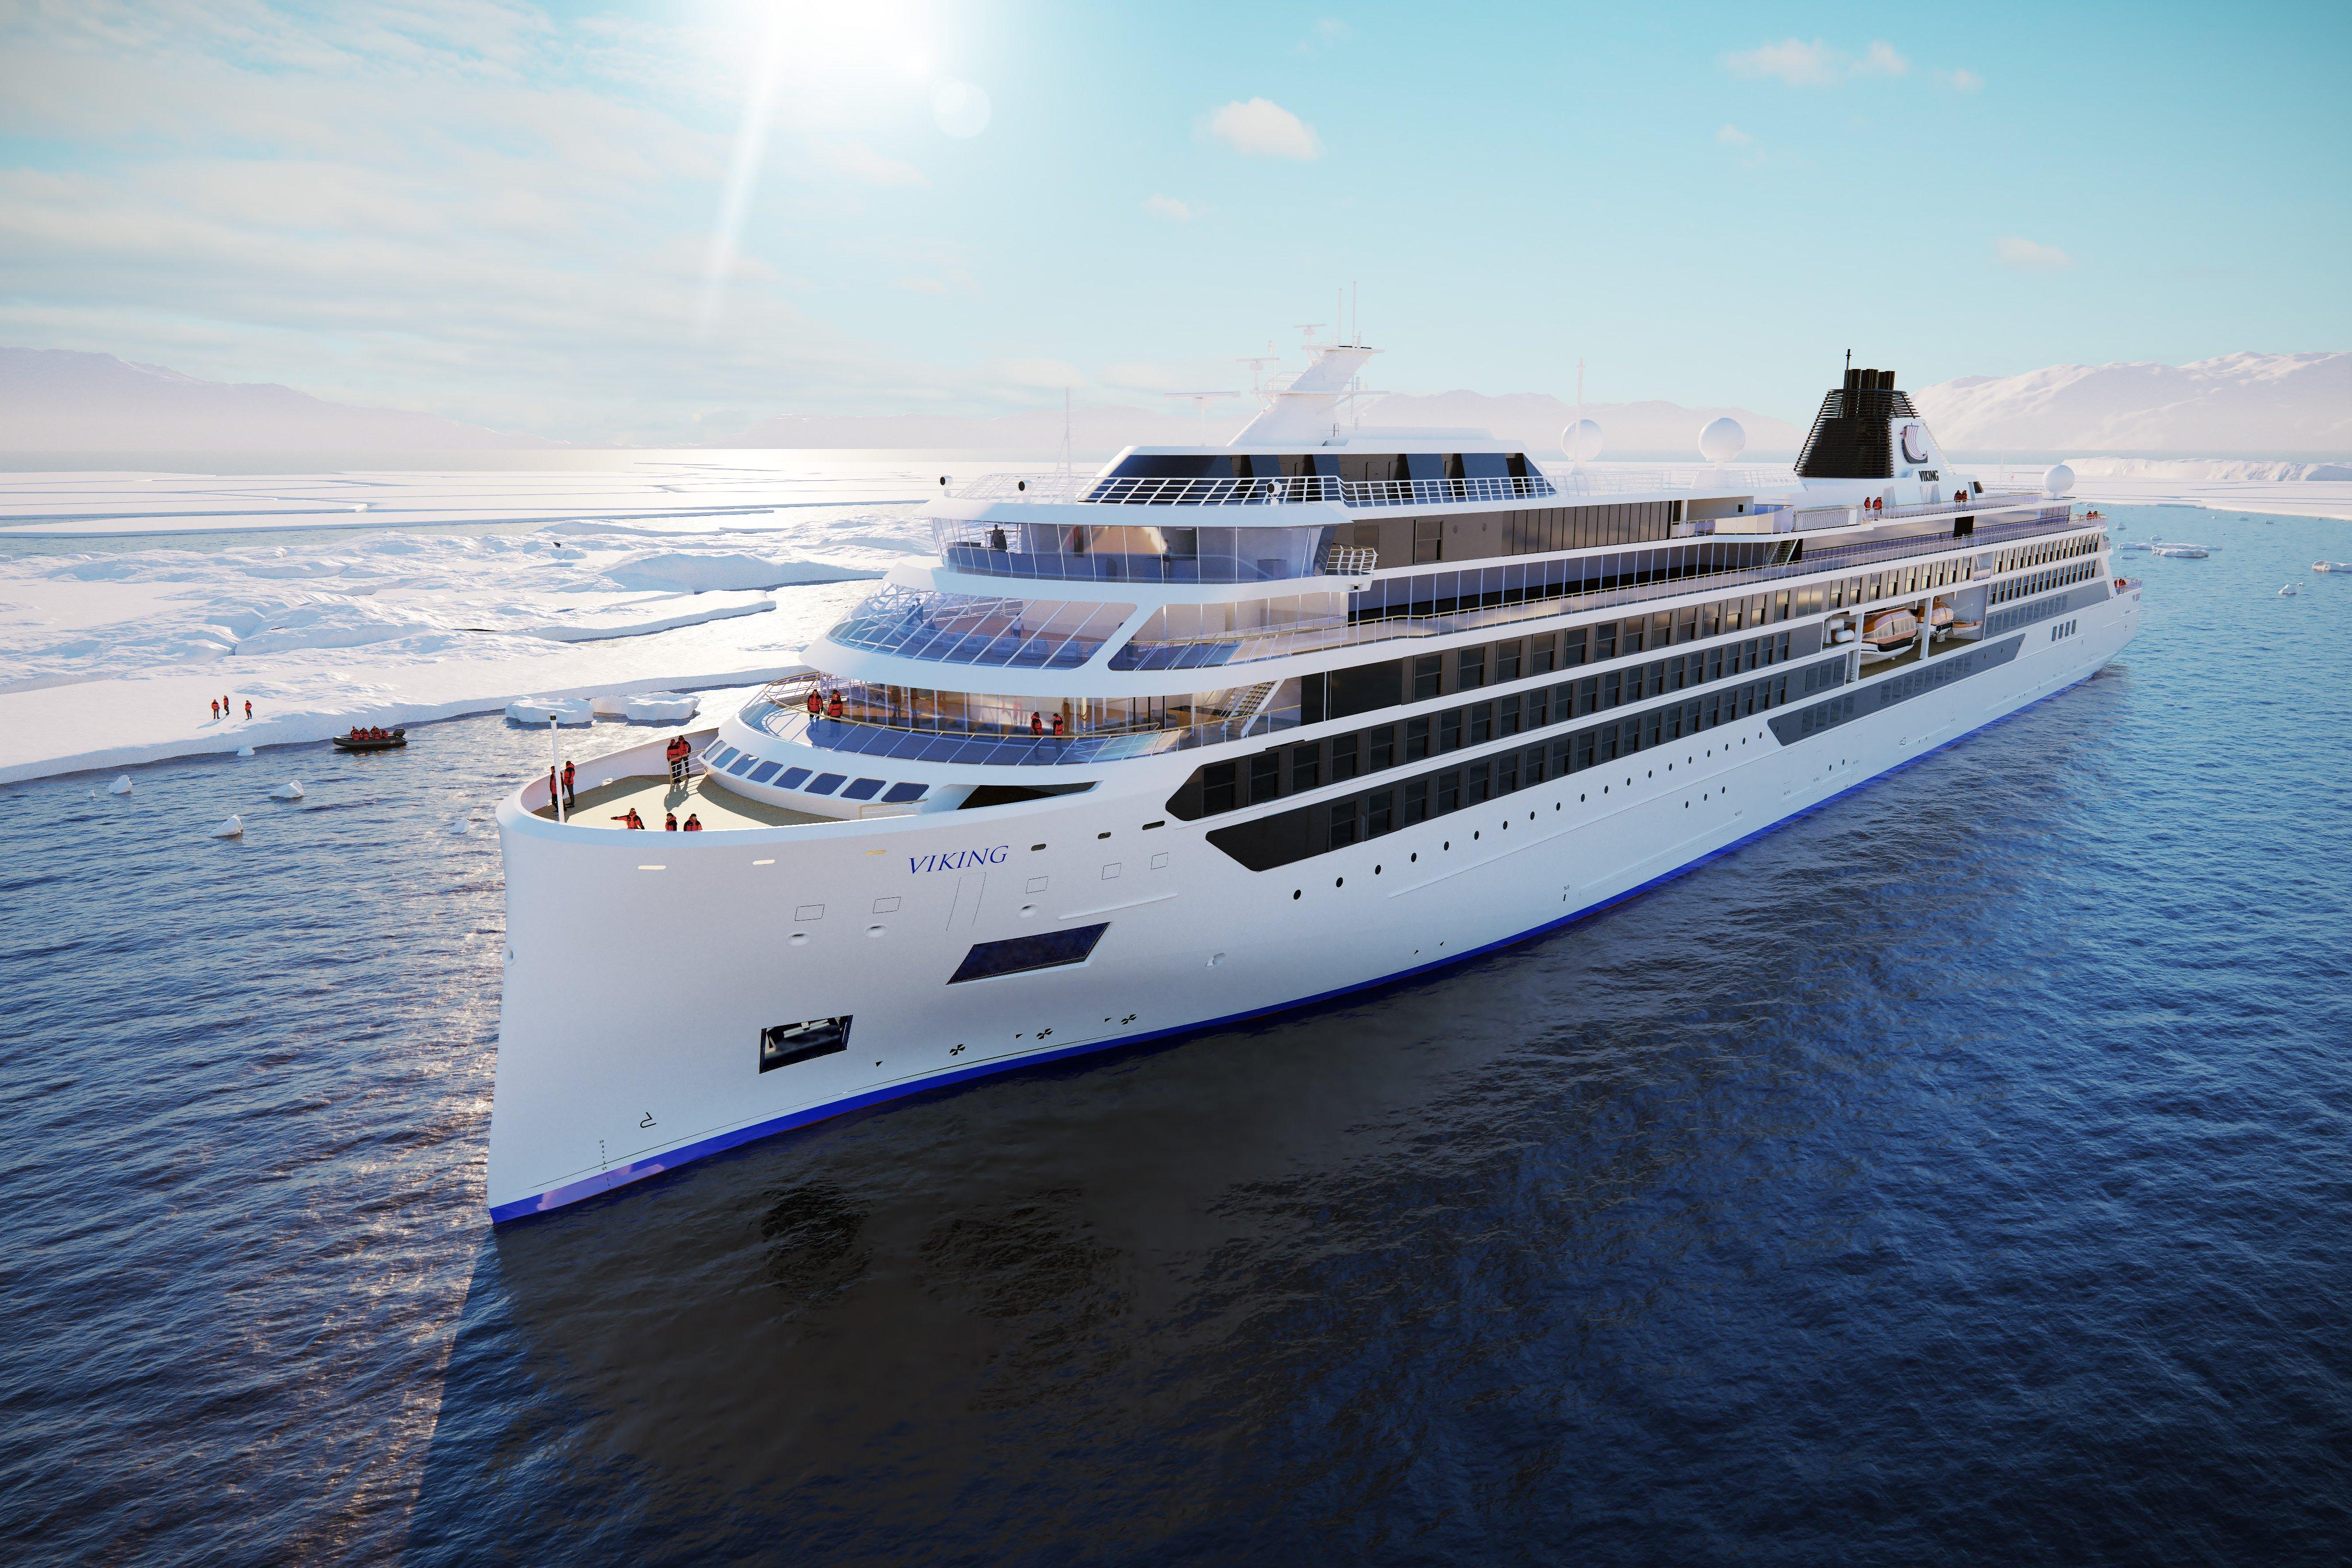 Viking-Expedition-Ship-A